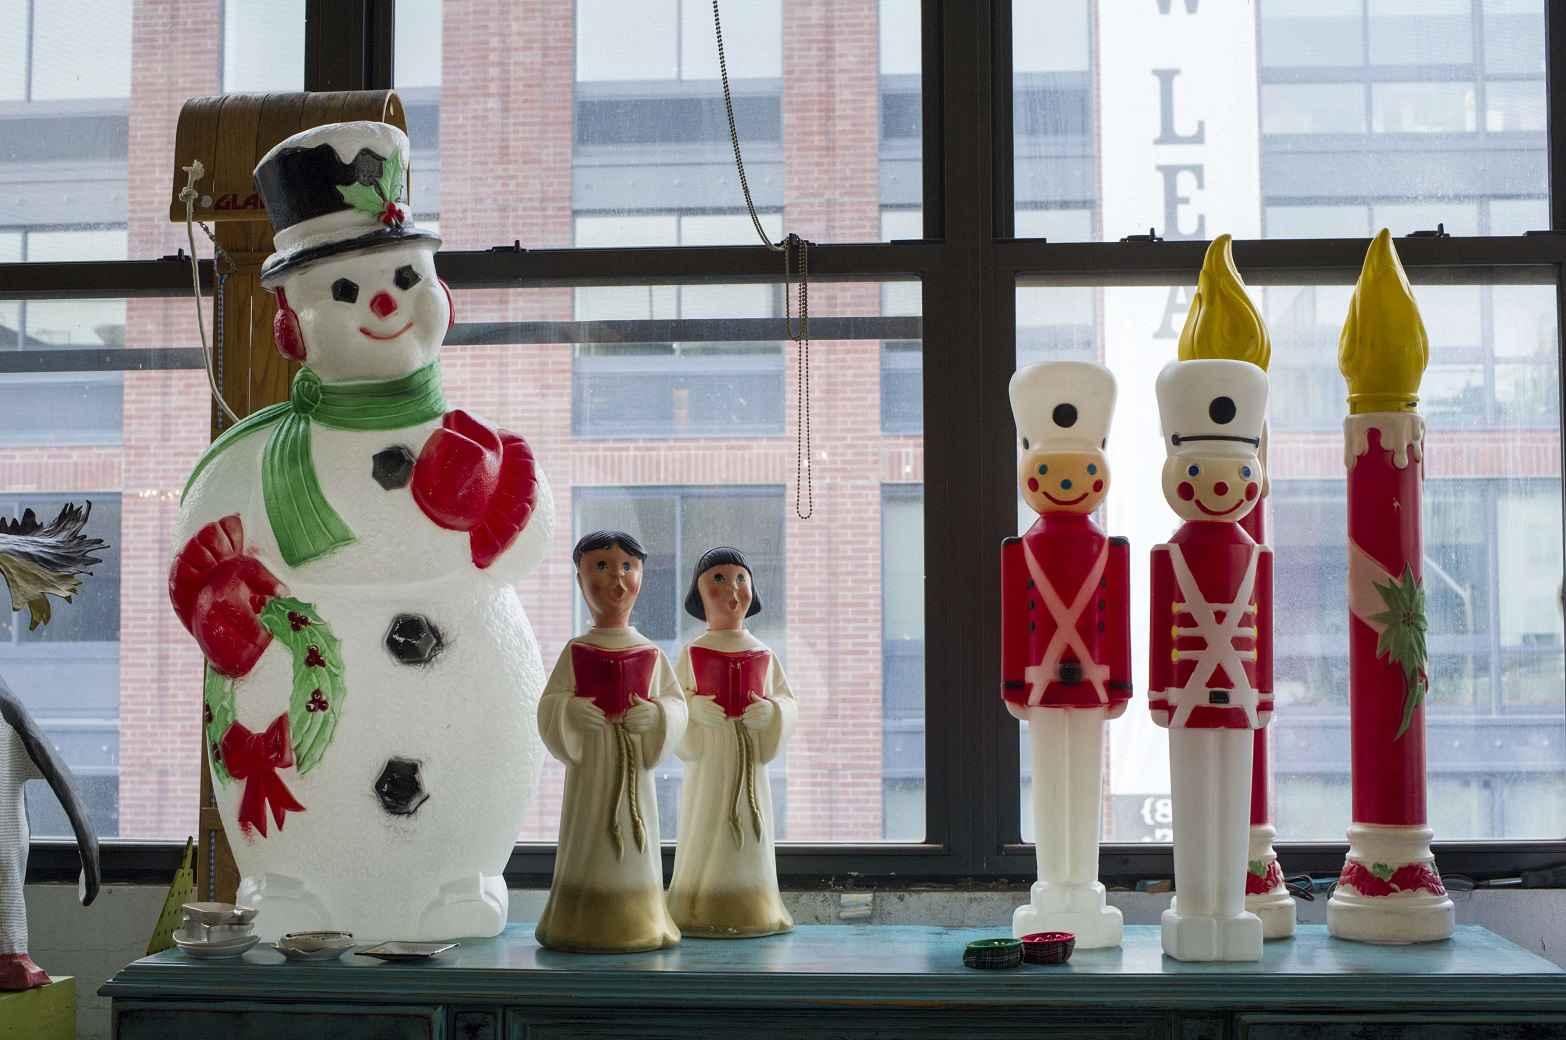 #6D1B22 Noël Au Boulot ça Se Passe Comment Dans Votre Entreprise? 5319 decorations de noel a vendre 1566x1040 px @ aertt.com